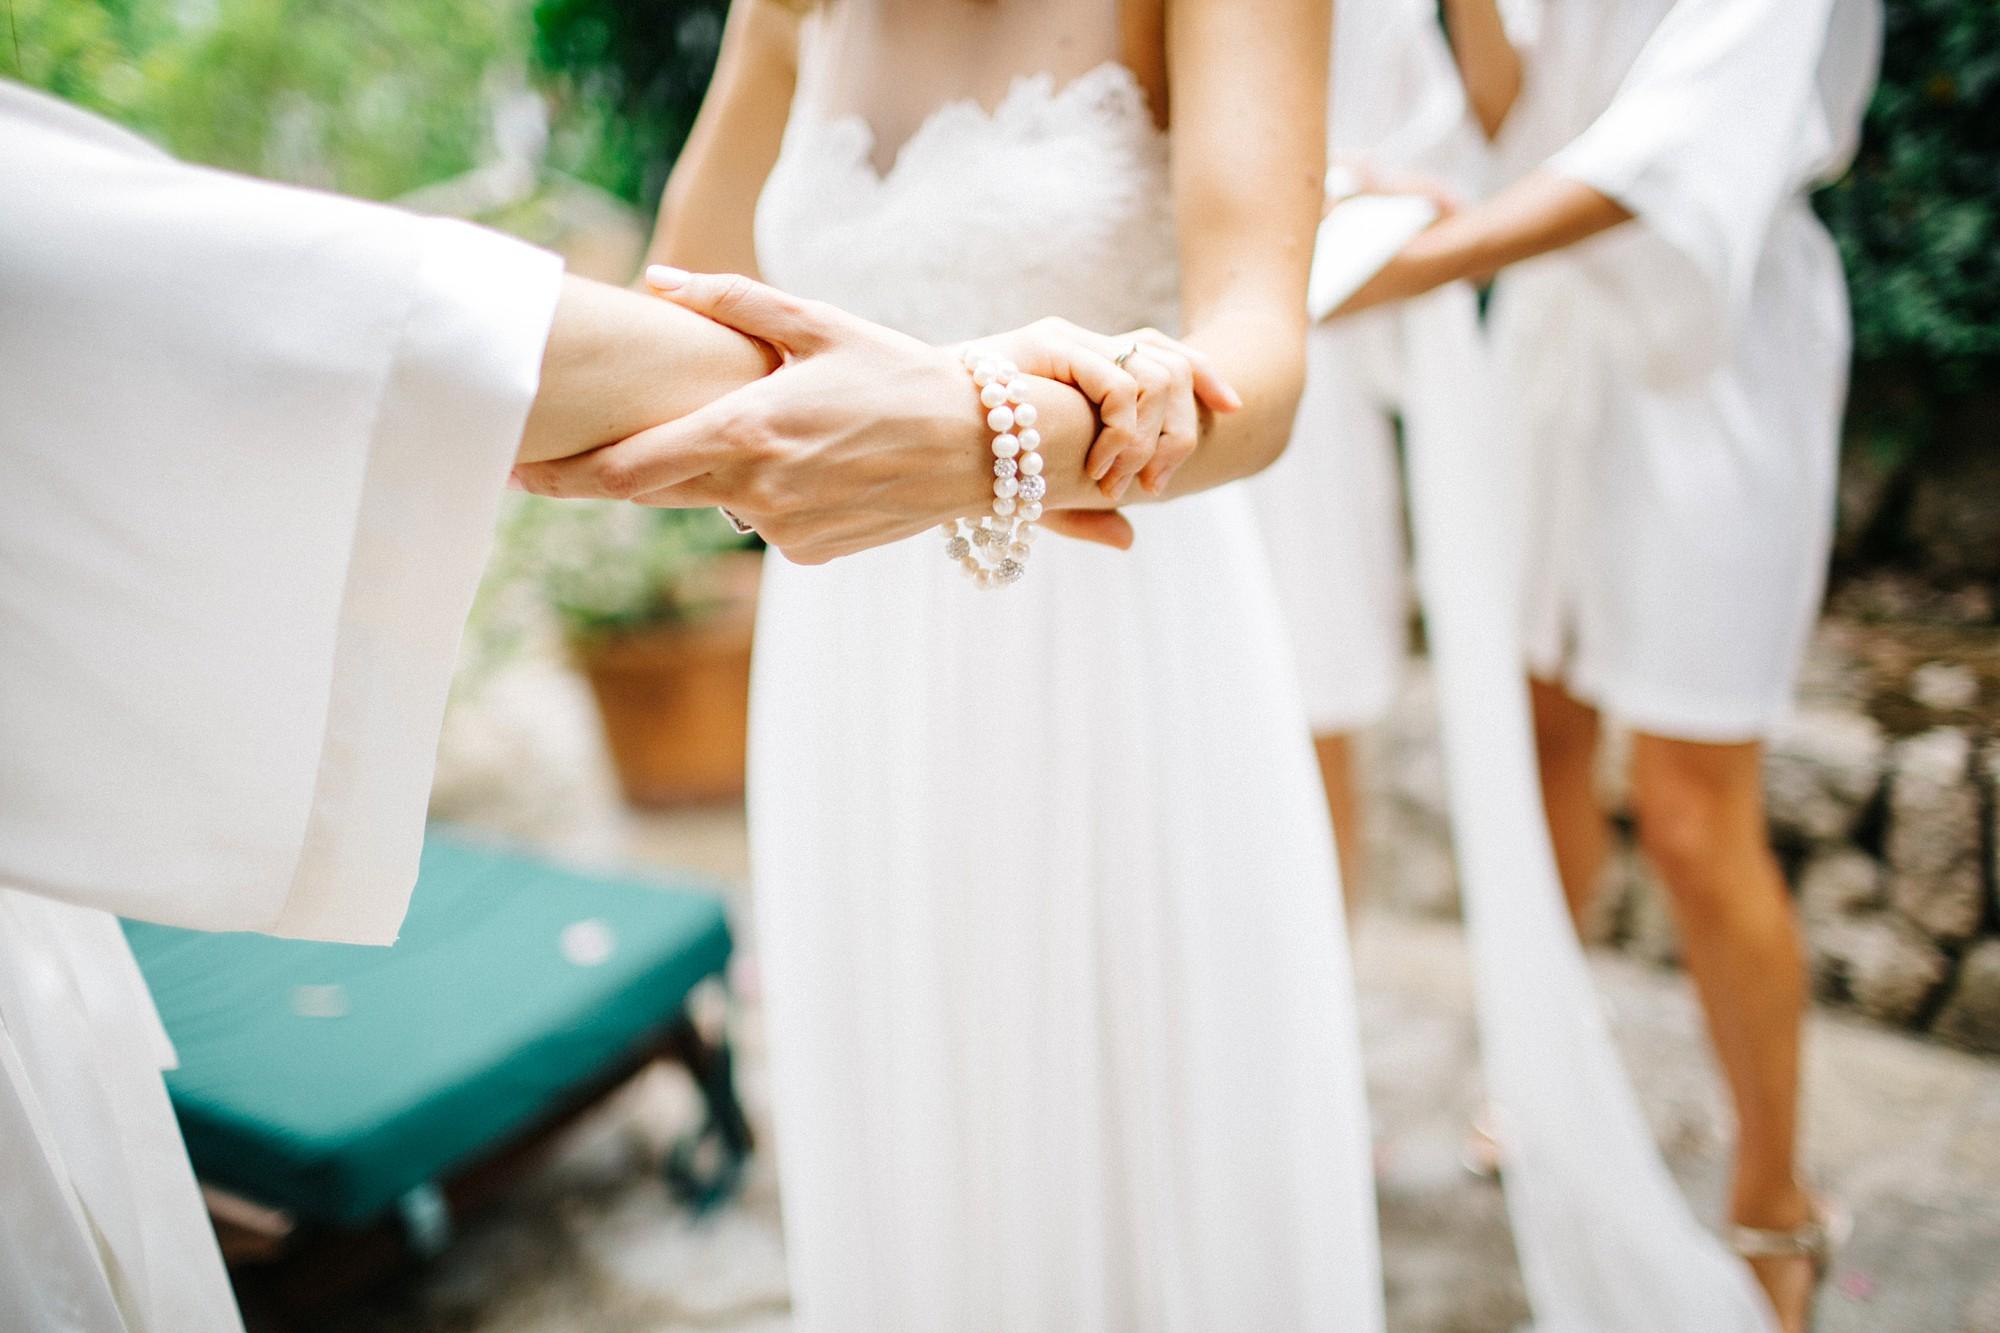 fotografos de boda en valencia barcelona mallorca wedding photographer041.jpg